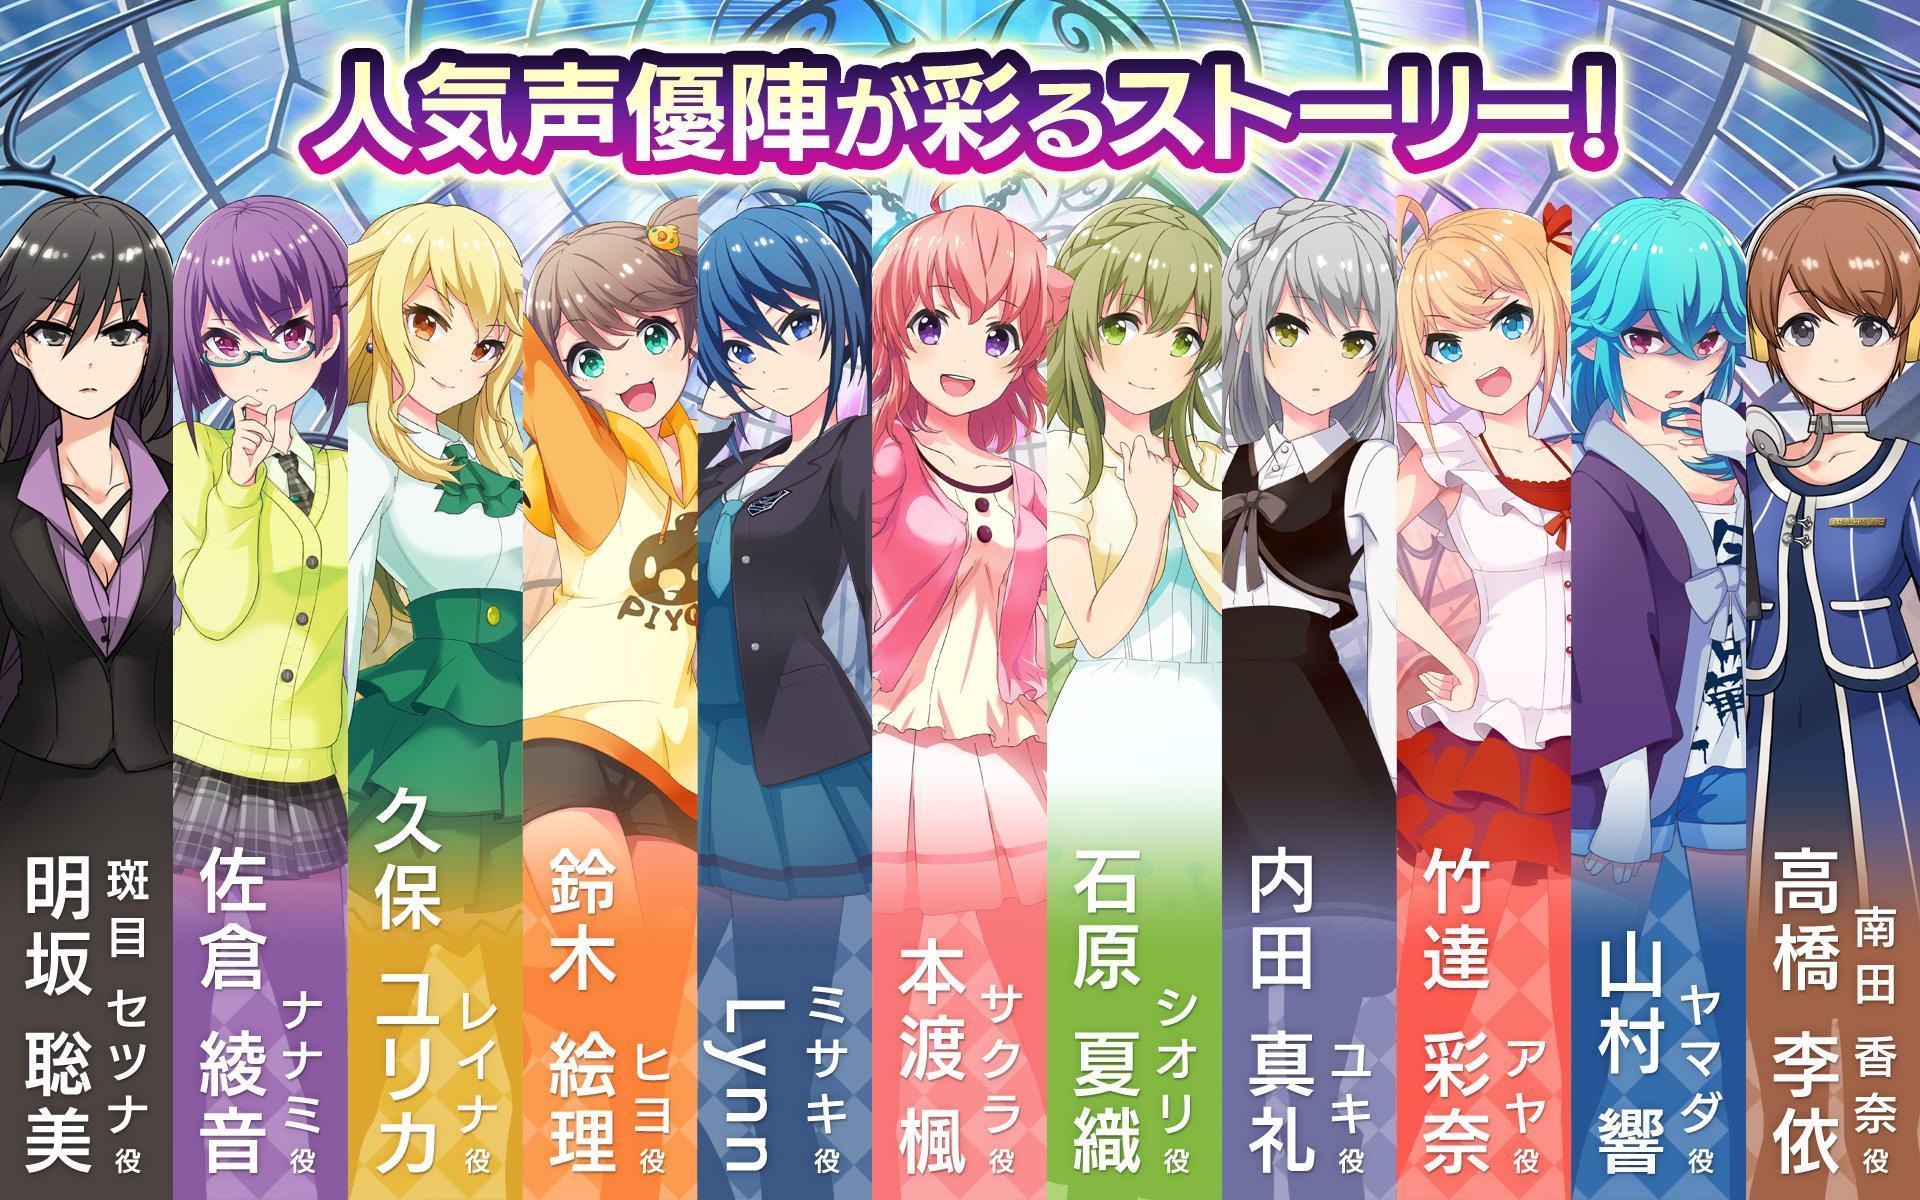 プロジェクト東京ドールズ :美少女タップアクションRPG 4.1.0 Screenshot 10